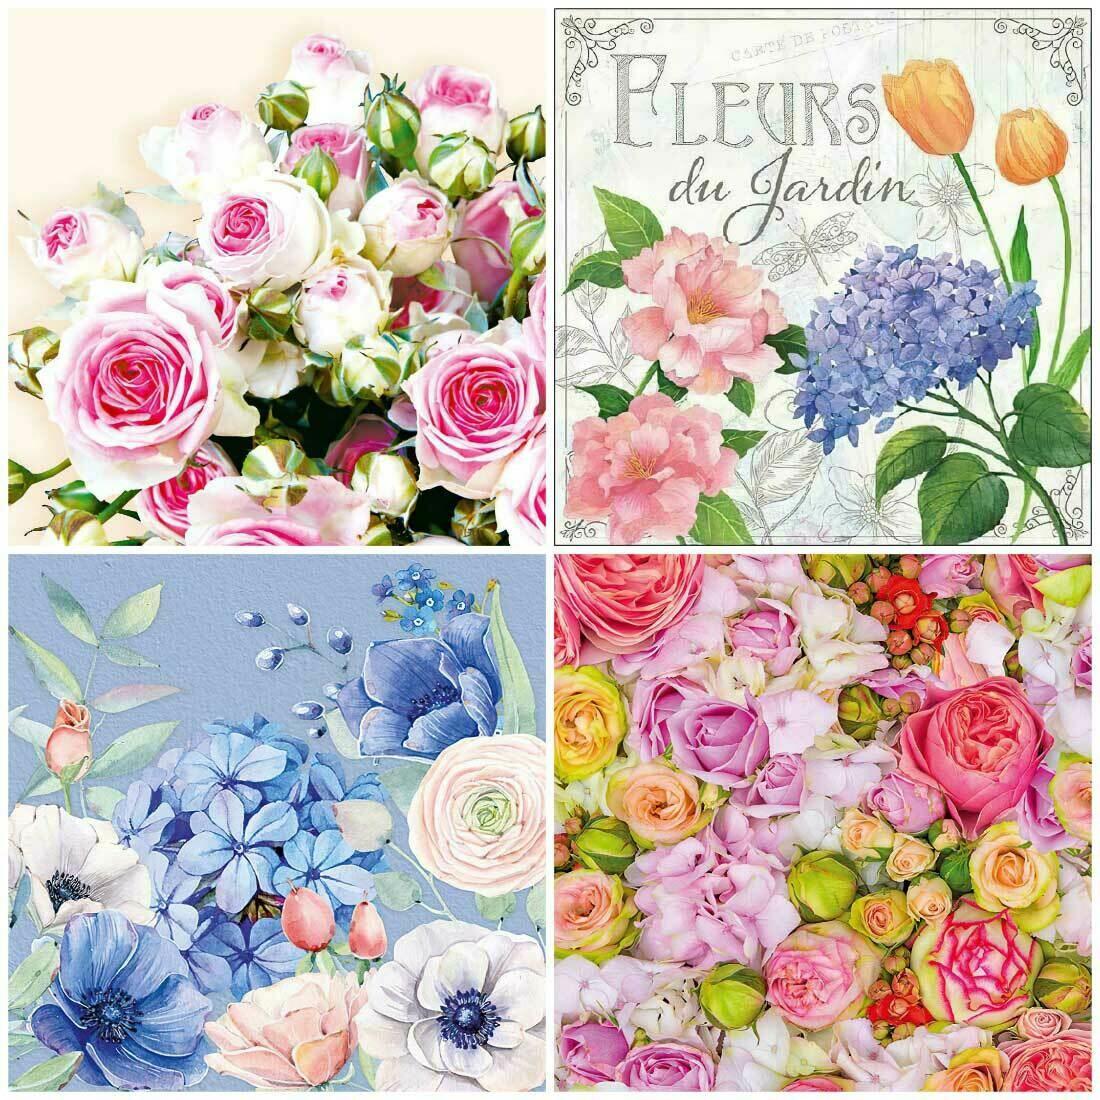 Decoupage Paper Napkins - Floral 17 13x13 (4 Sheets)